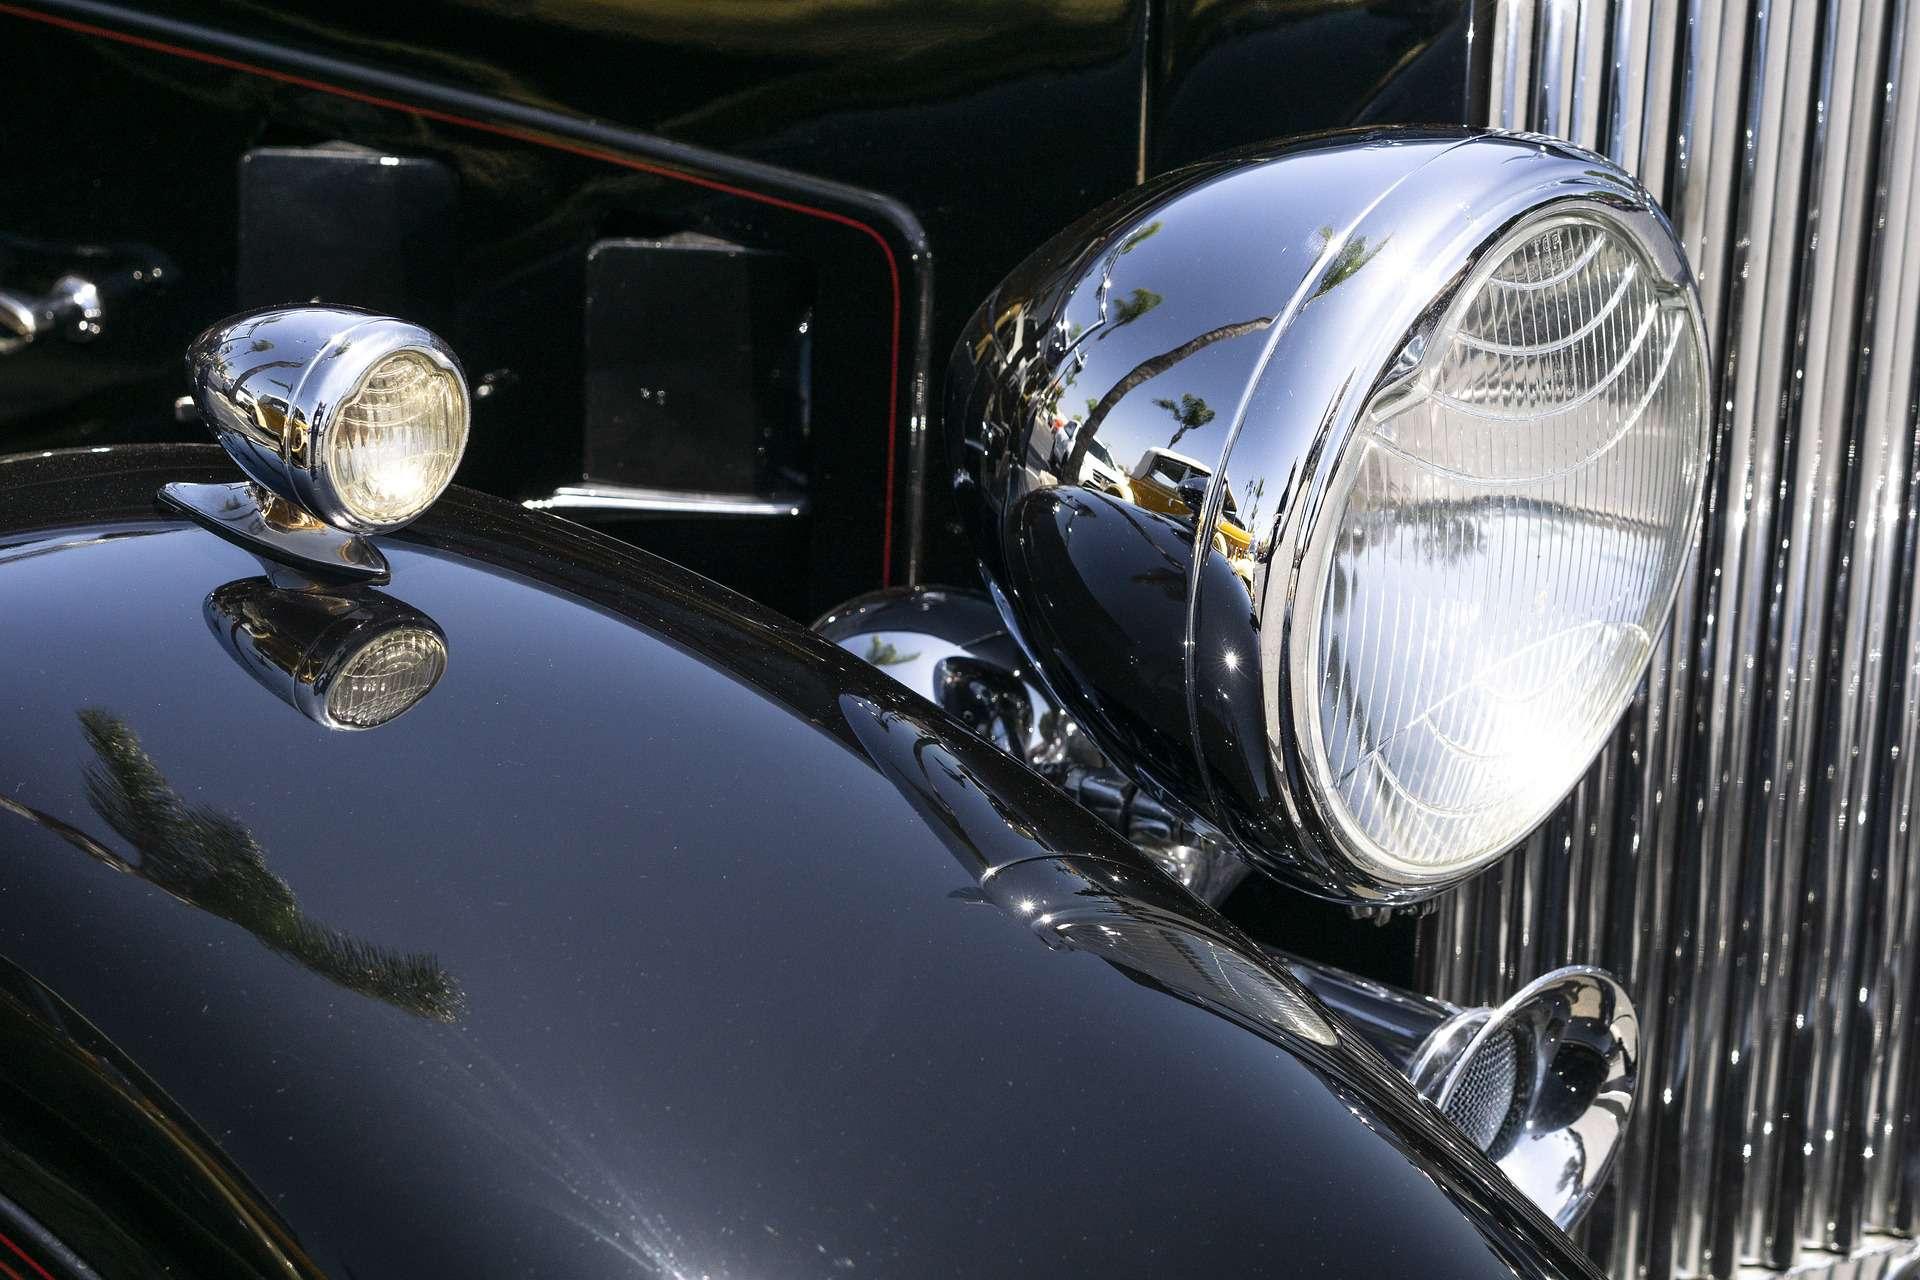 Jak zacząć car detailing? Myjka ciśnieniowa z zestawem akcesoriów